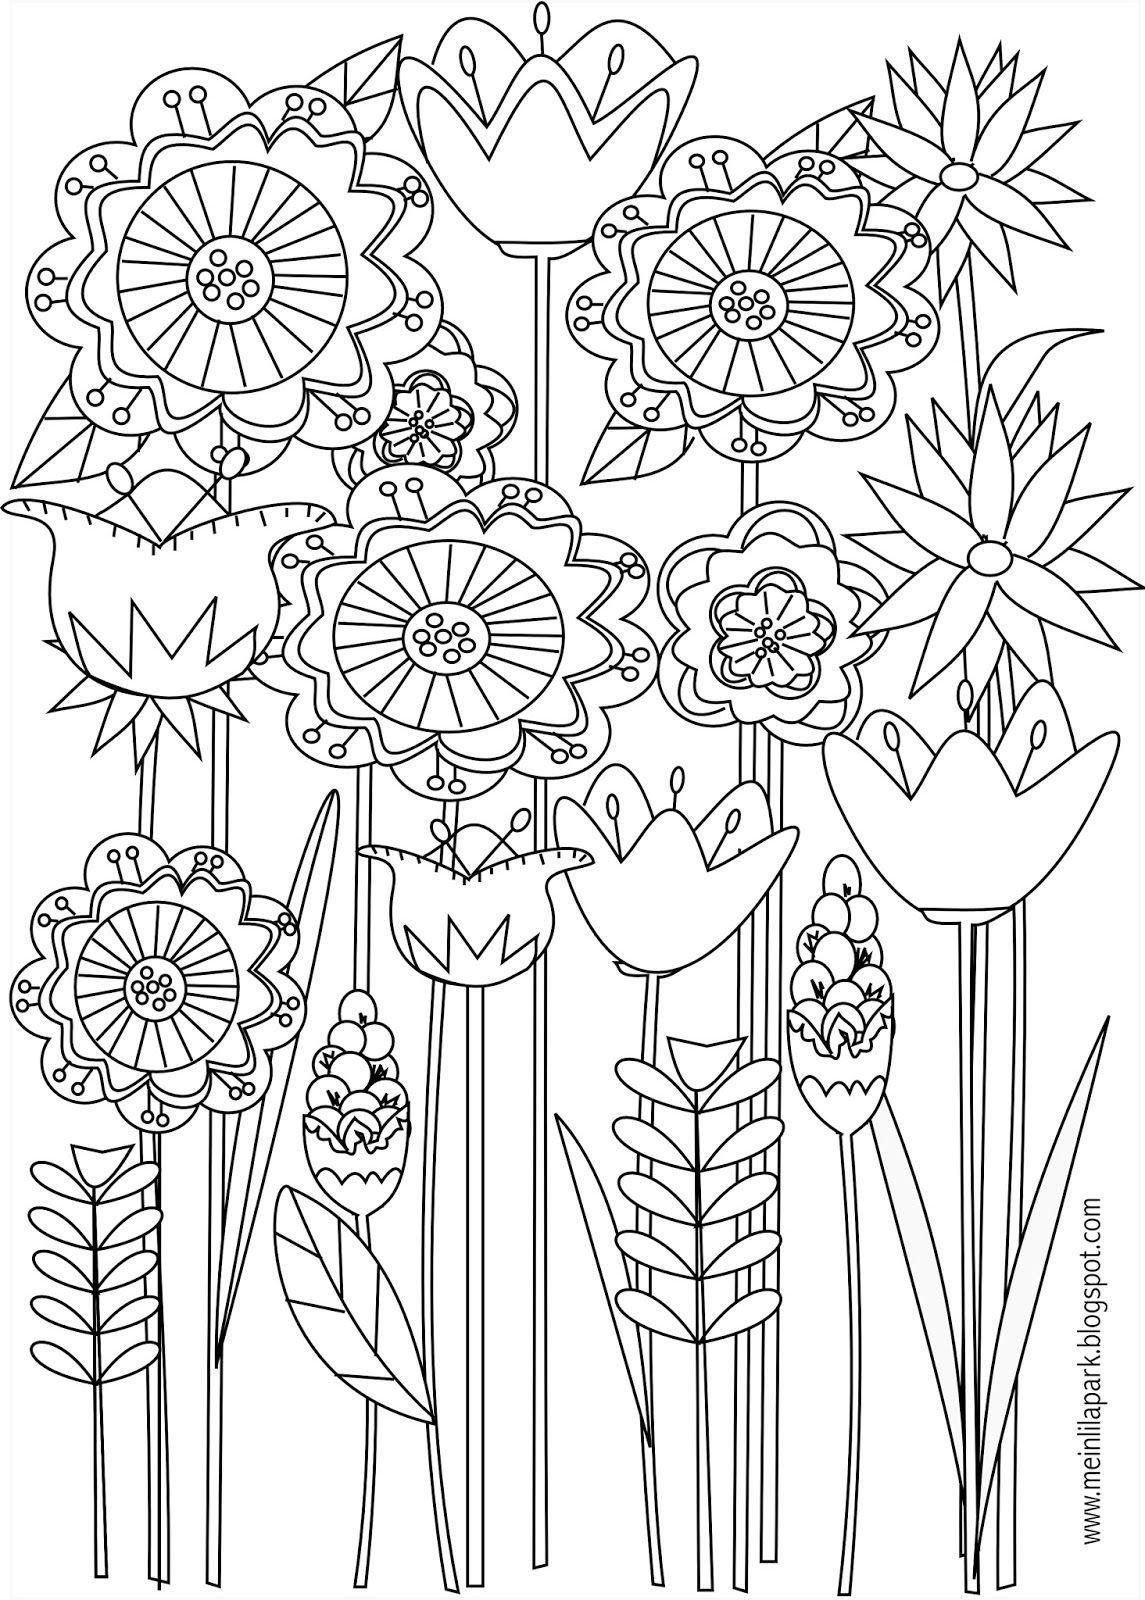 spring coloring | Printables | Pinterest | Colorear, Mandalas y Bordado